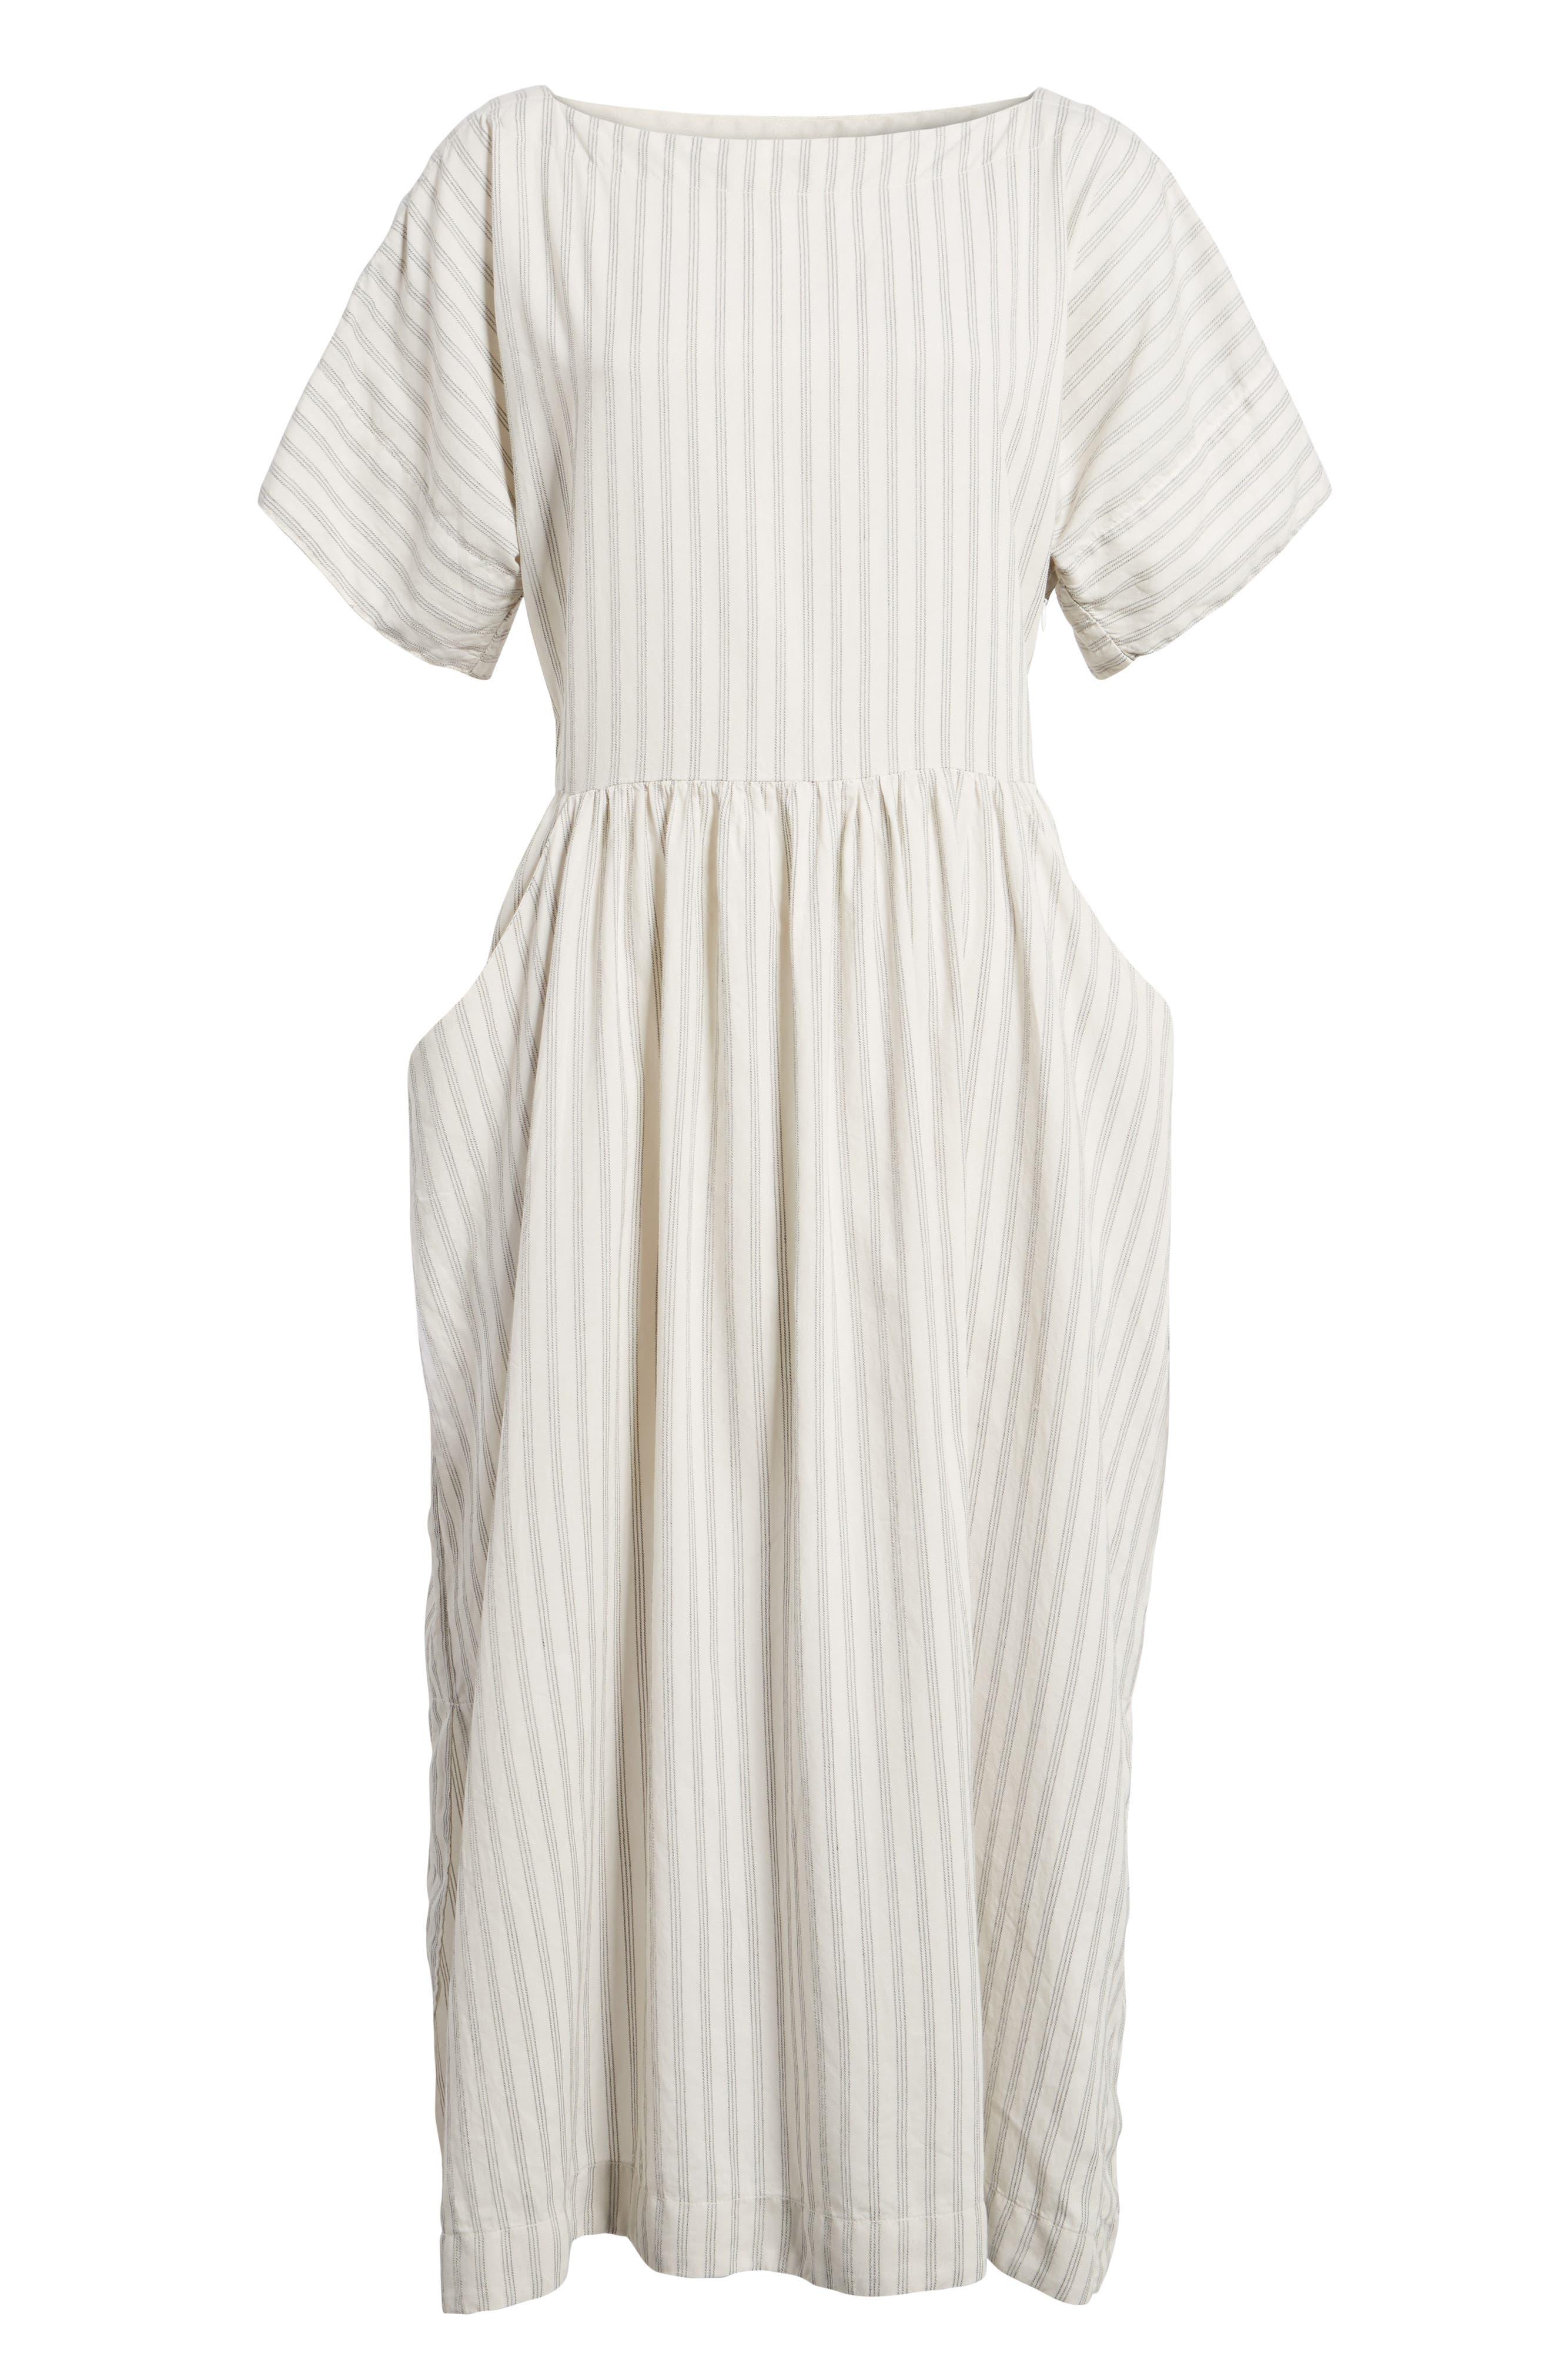 Stripe Midi Dress,                             Alternate thumbnail 6, color,                             158